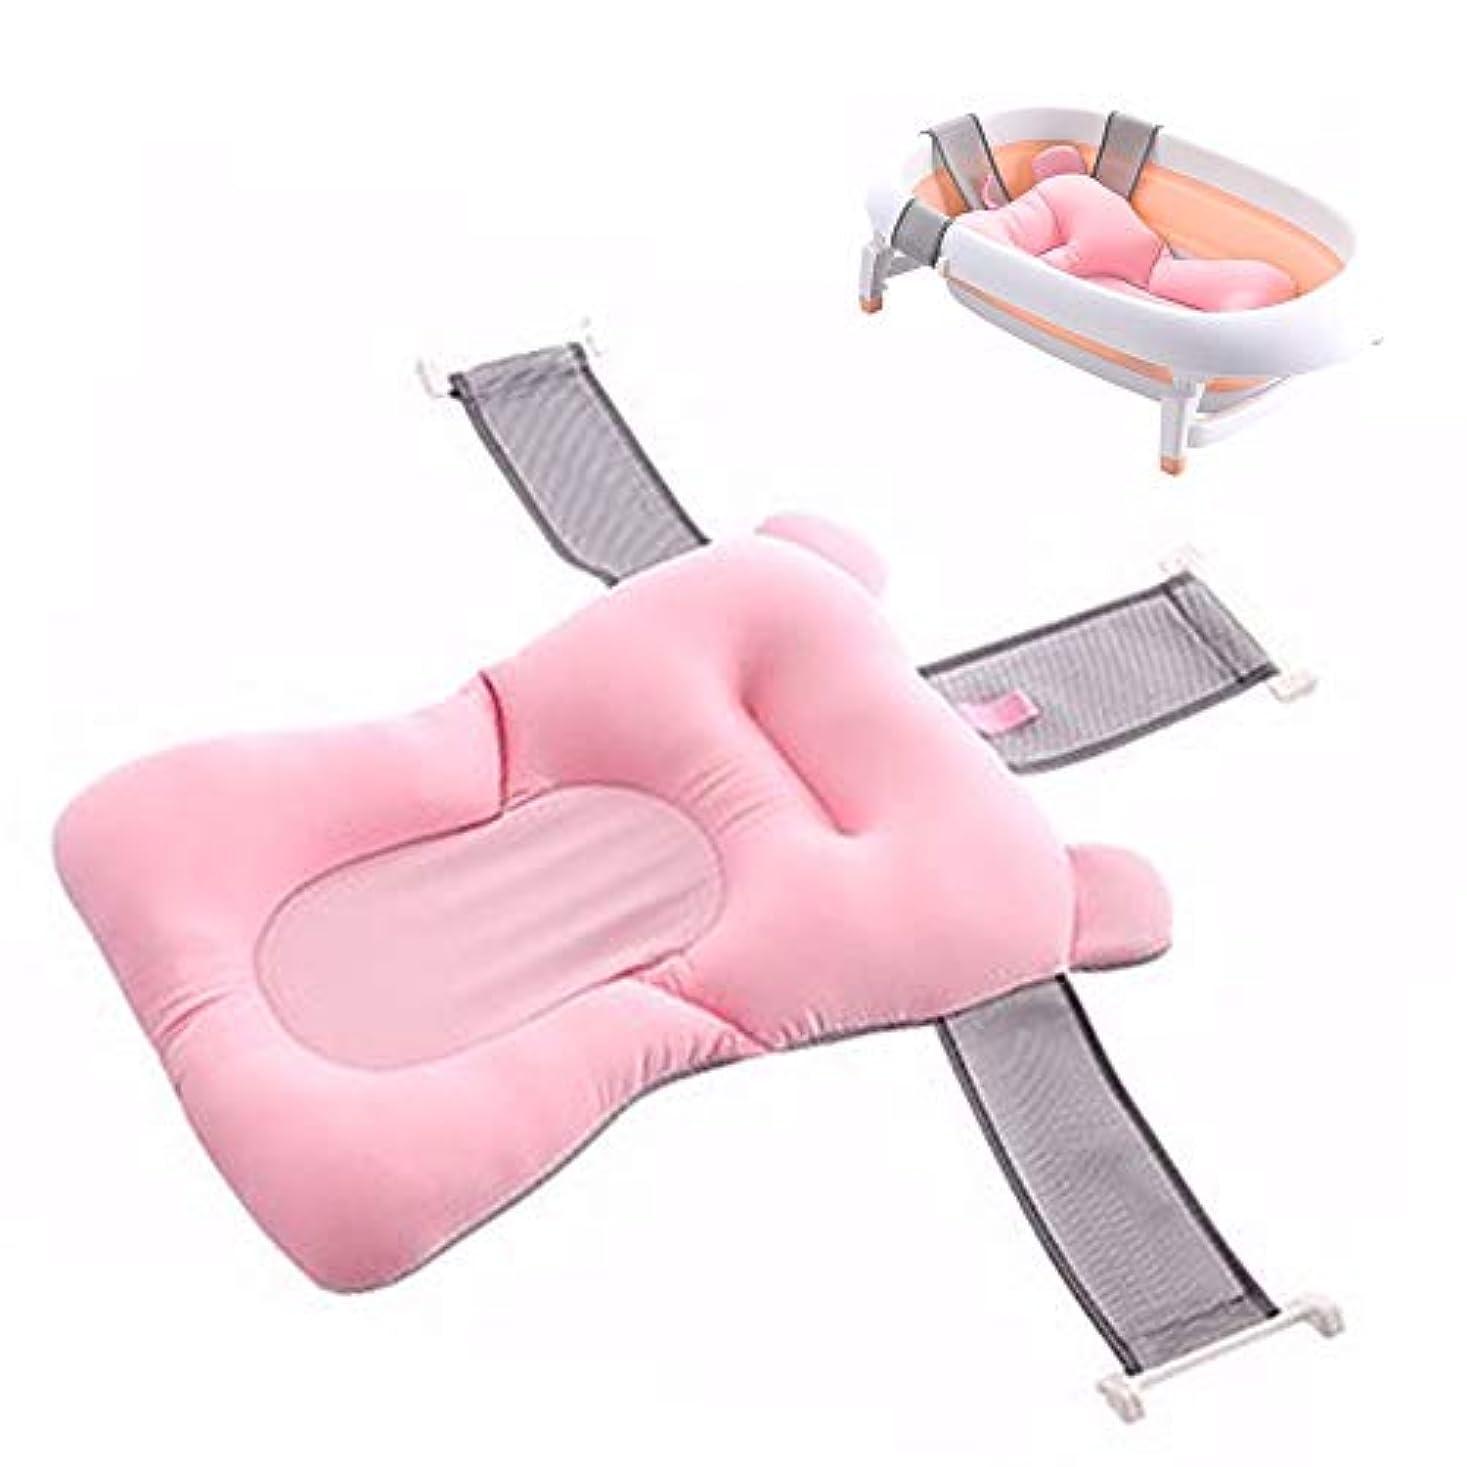 罪シャンプー欠乏赤ちゃん浴槽枕風呂クッション幼児ラウンジャーエアクッション柔らかい滑り止めバスシート用0-12ヶ月幼児,Pink